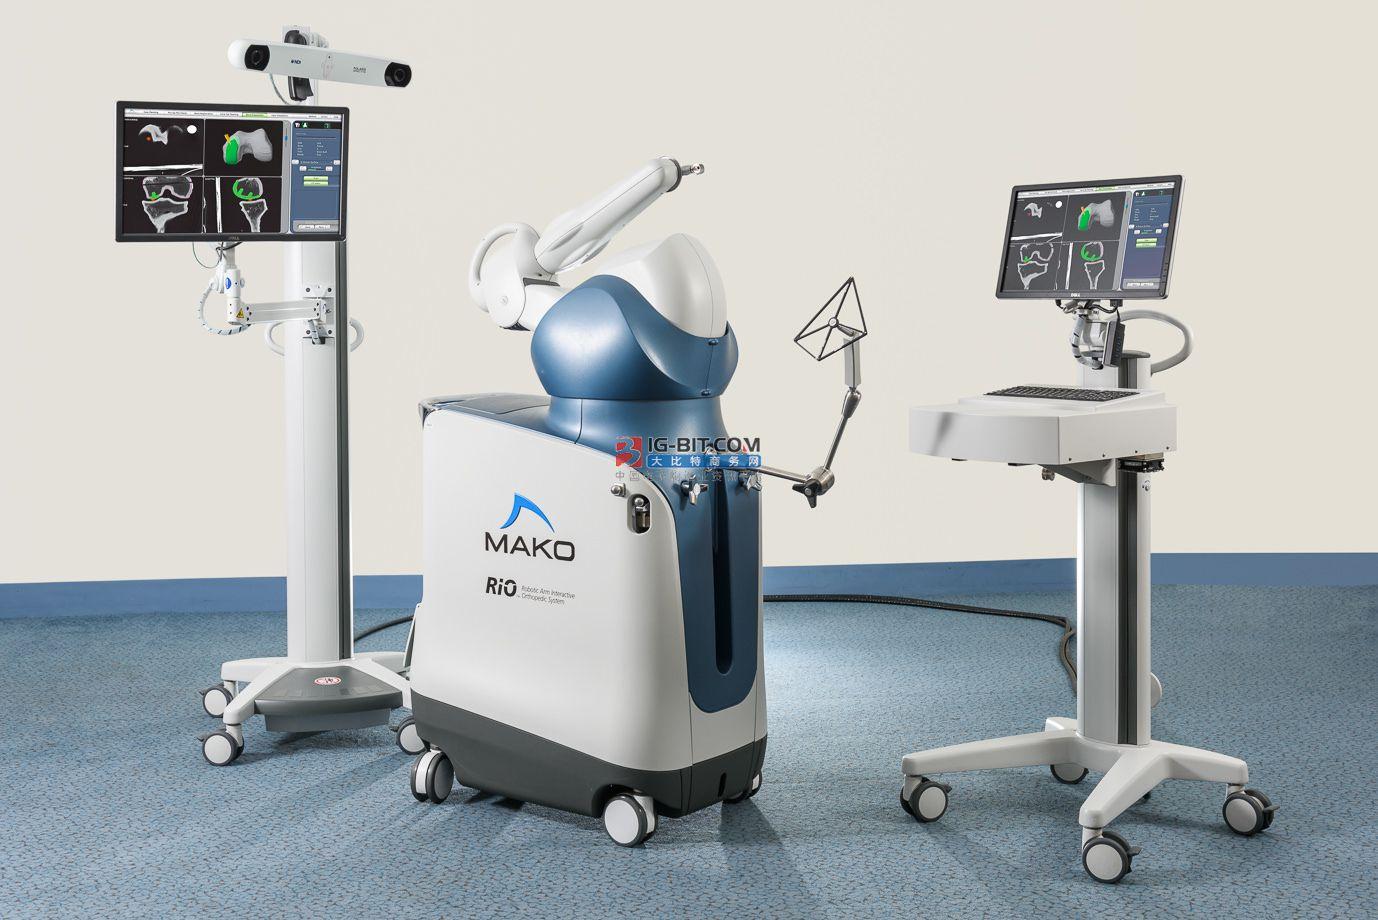 """手腕舟骨骨折一年多未愈 仁慈骨科机器人让手术""""如虎添翼"""""""